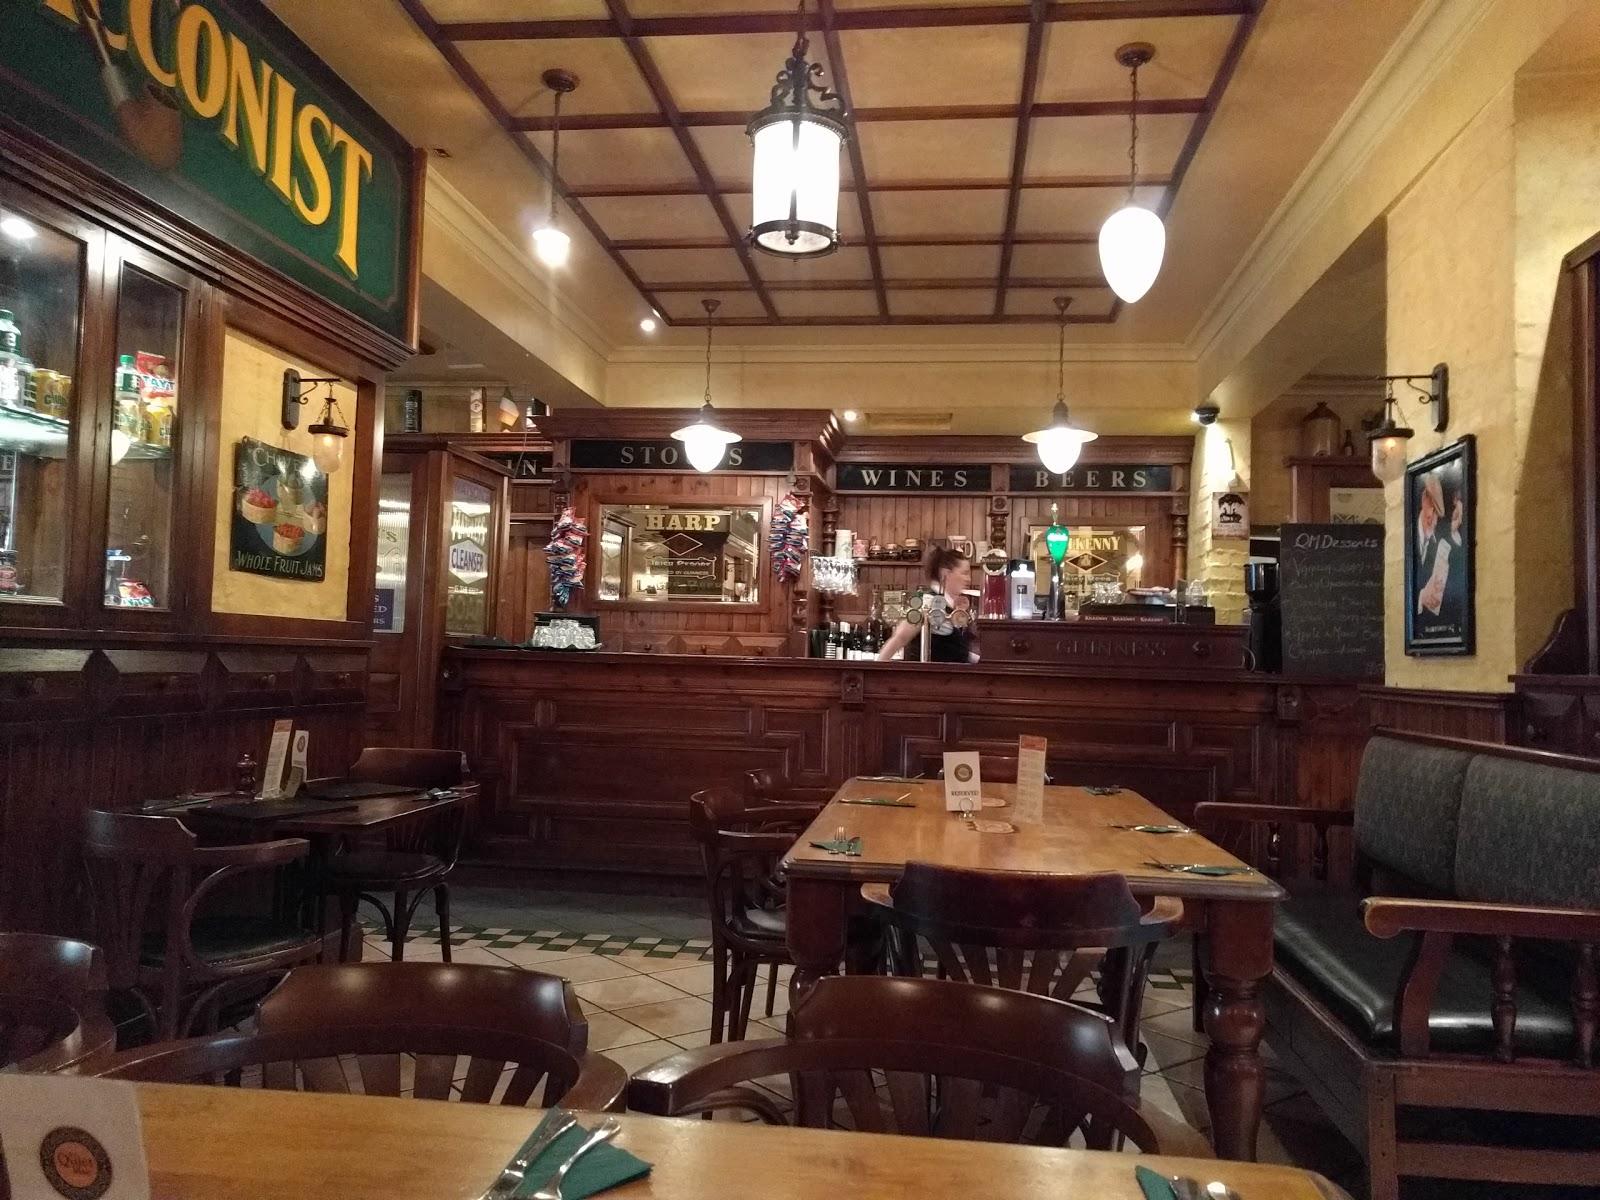 The-Quiet-Man-Irish-Pub-h4eq-image